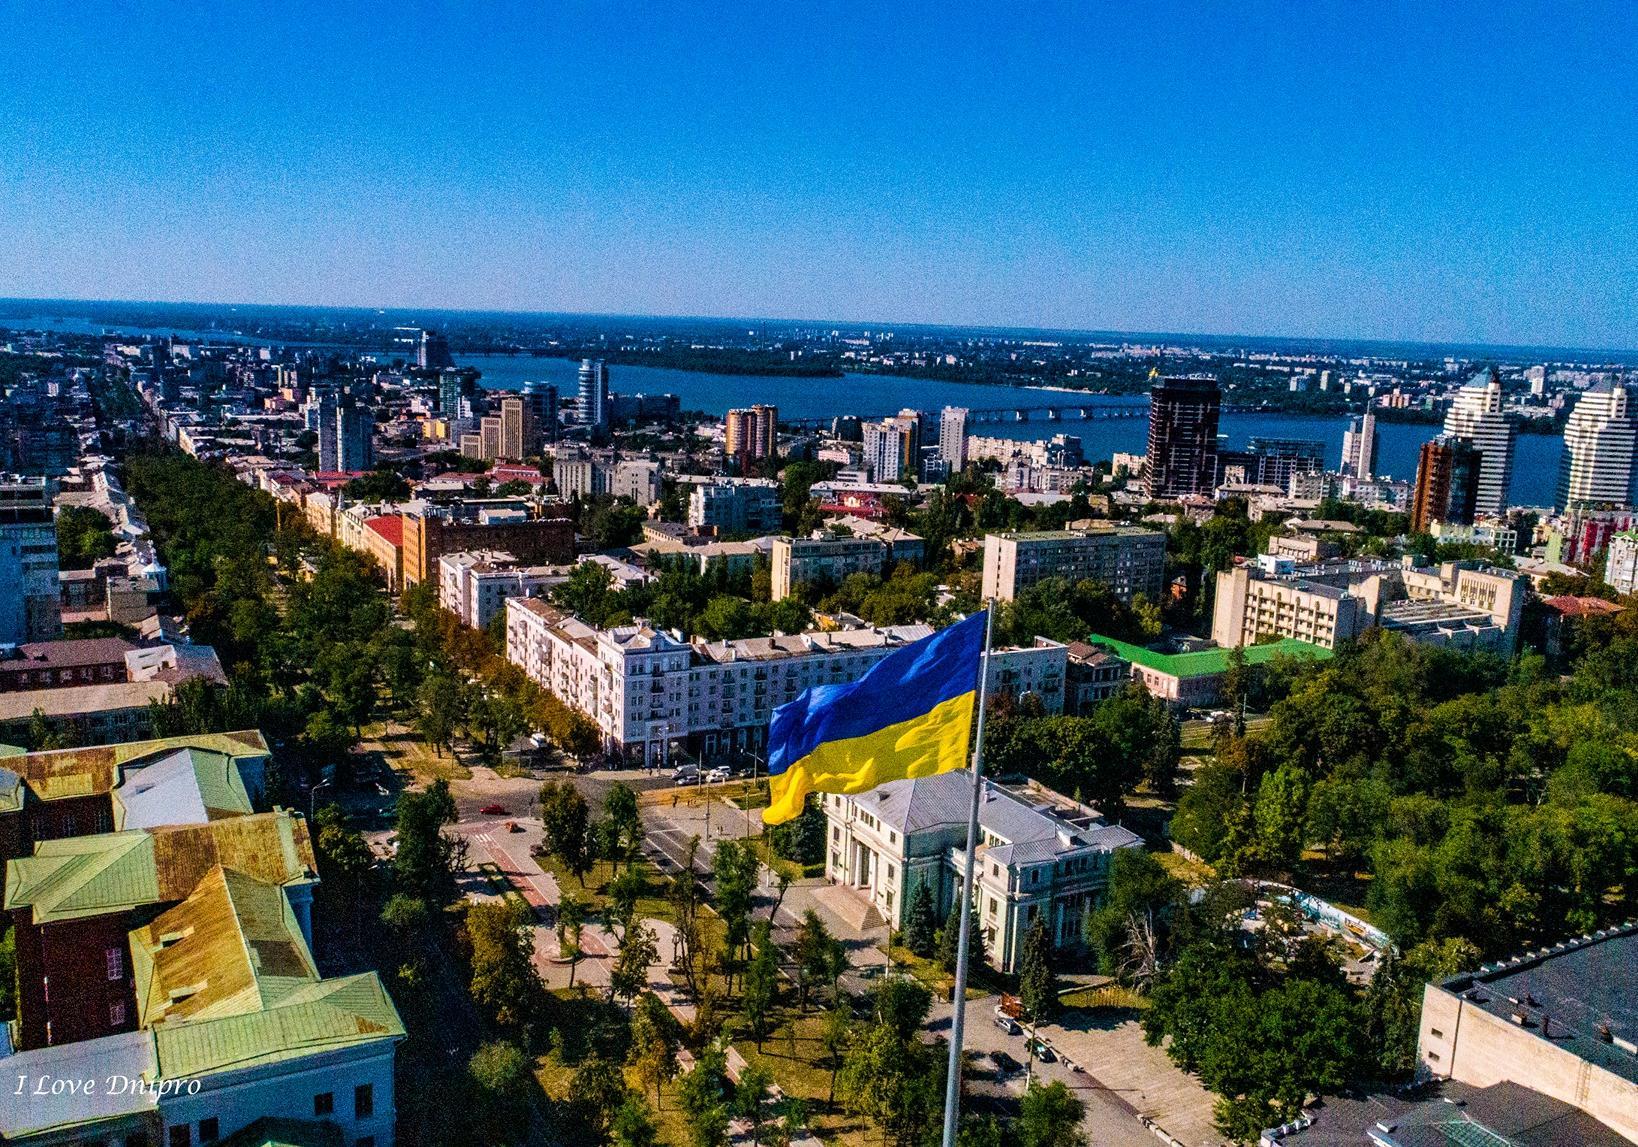 """Скоро в каждой области: Флаги """"как в Днепре"""" появятся по всей Украине. Афиша Днепра"""